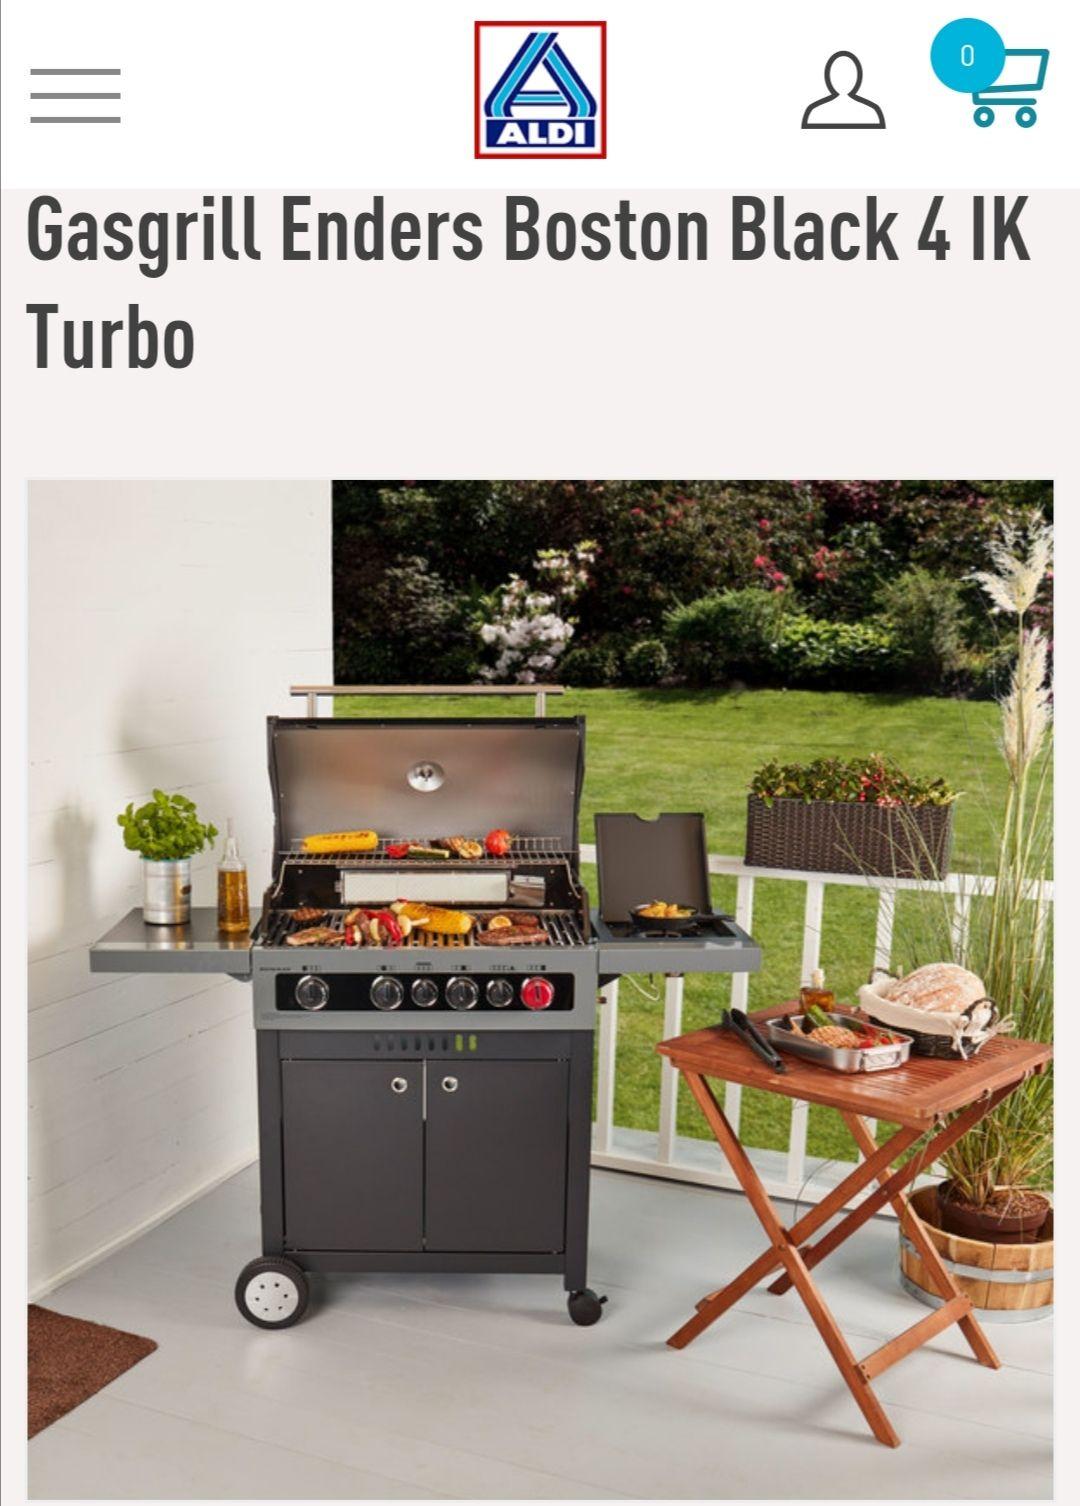 Gasgrill Enders Boston Black 4 IK Turbo Bei Aldi online zu bestellen